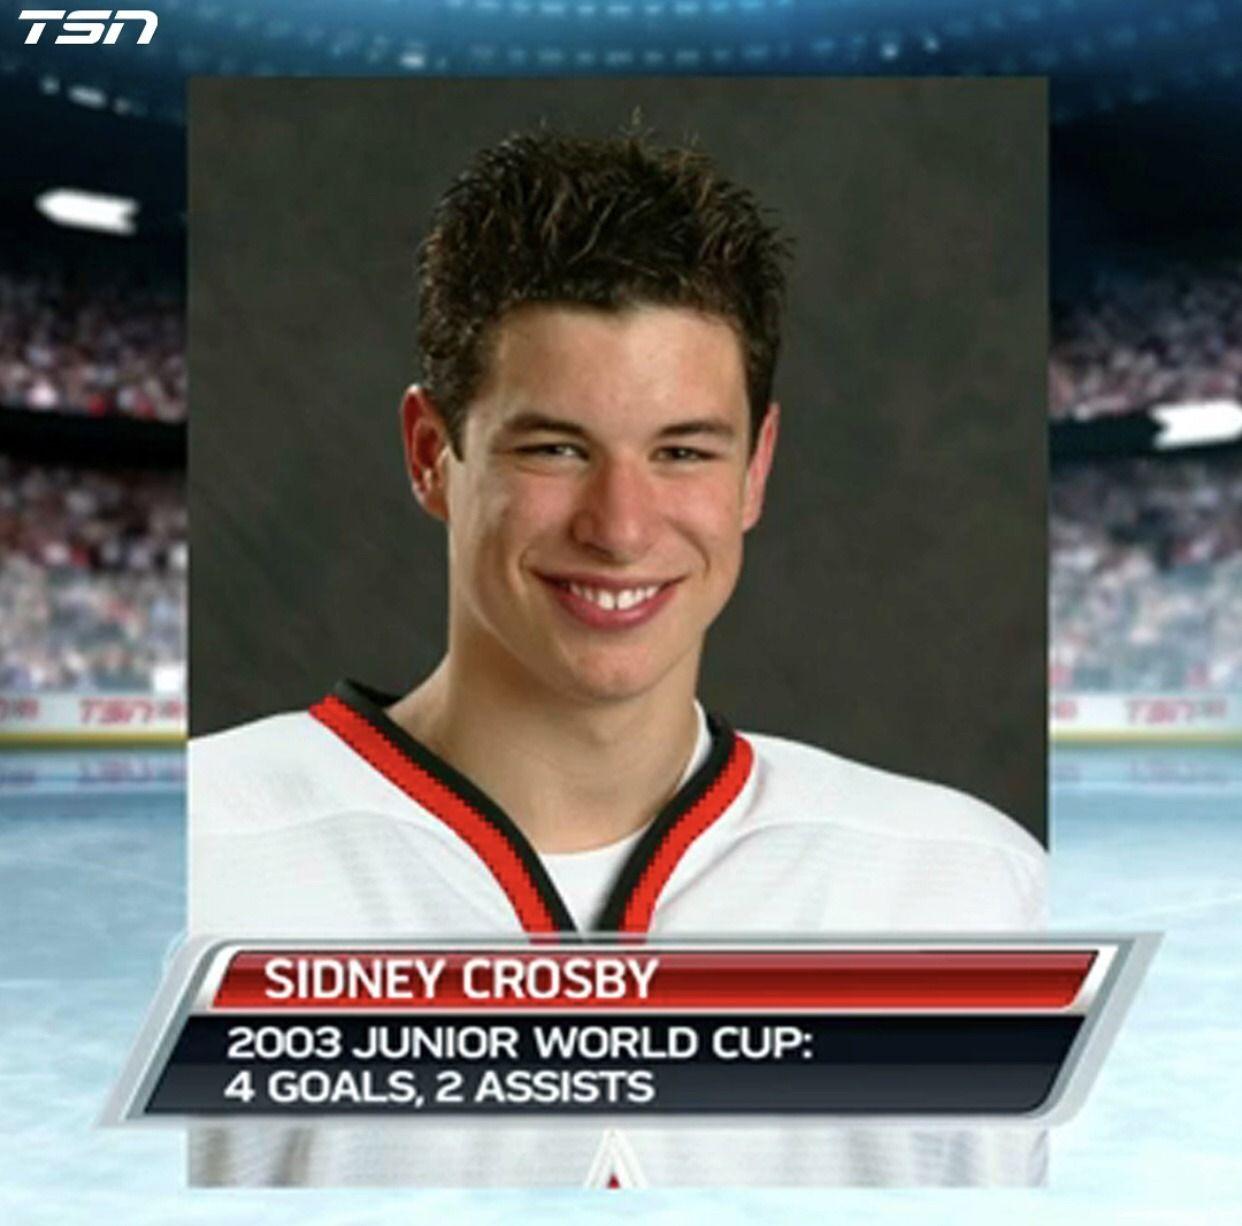 16 Year Old Sid Sidney Crosby 87 Hockey World Cup Ice Hockey